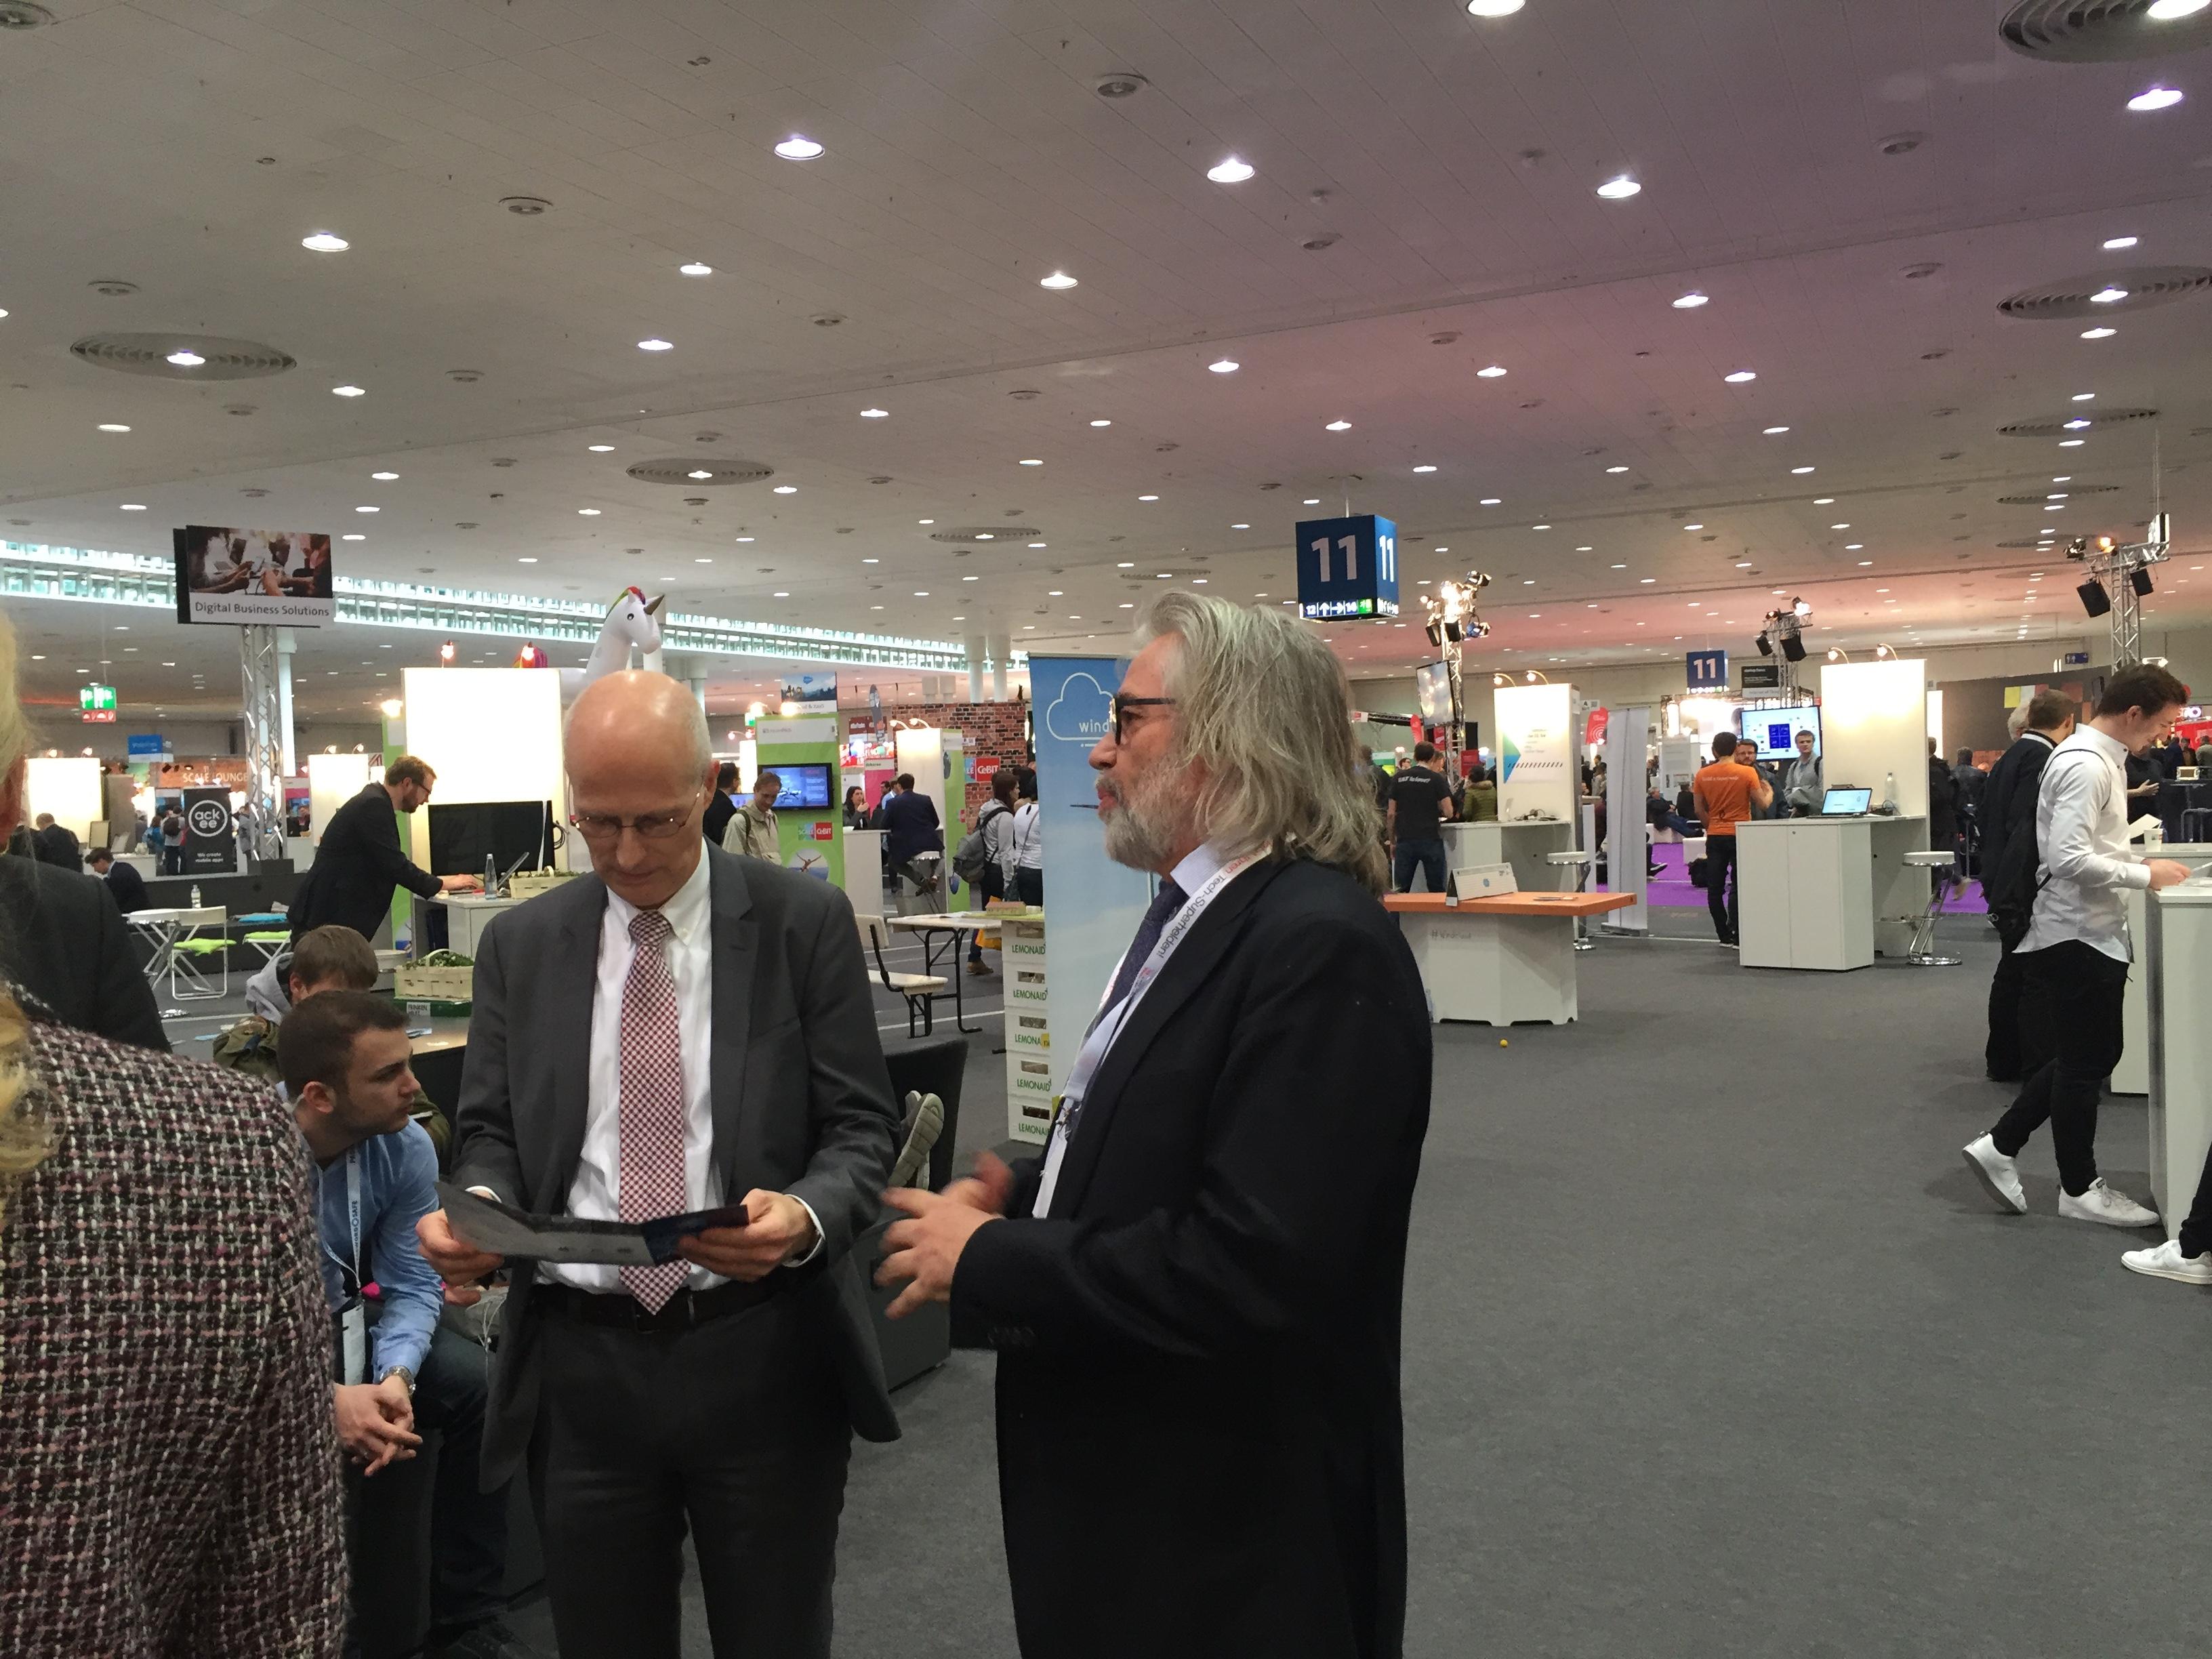 FUSE-AI auf der CeBIT 2017: Lösungsansätze der Künstlichen Intelligenz